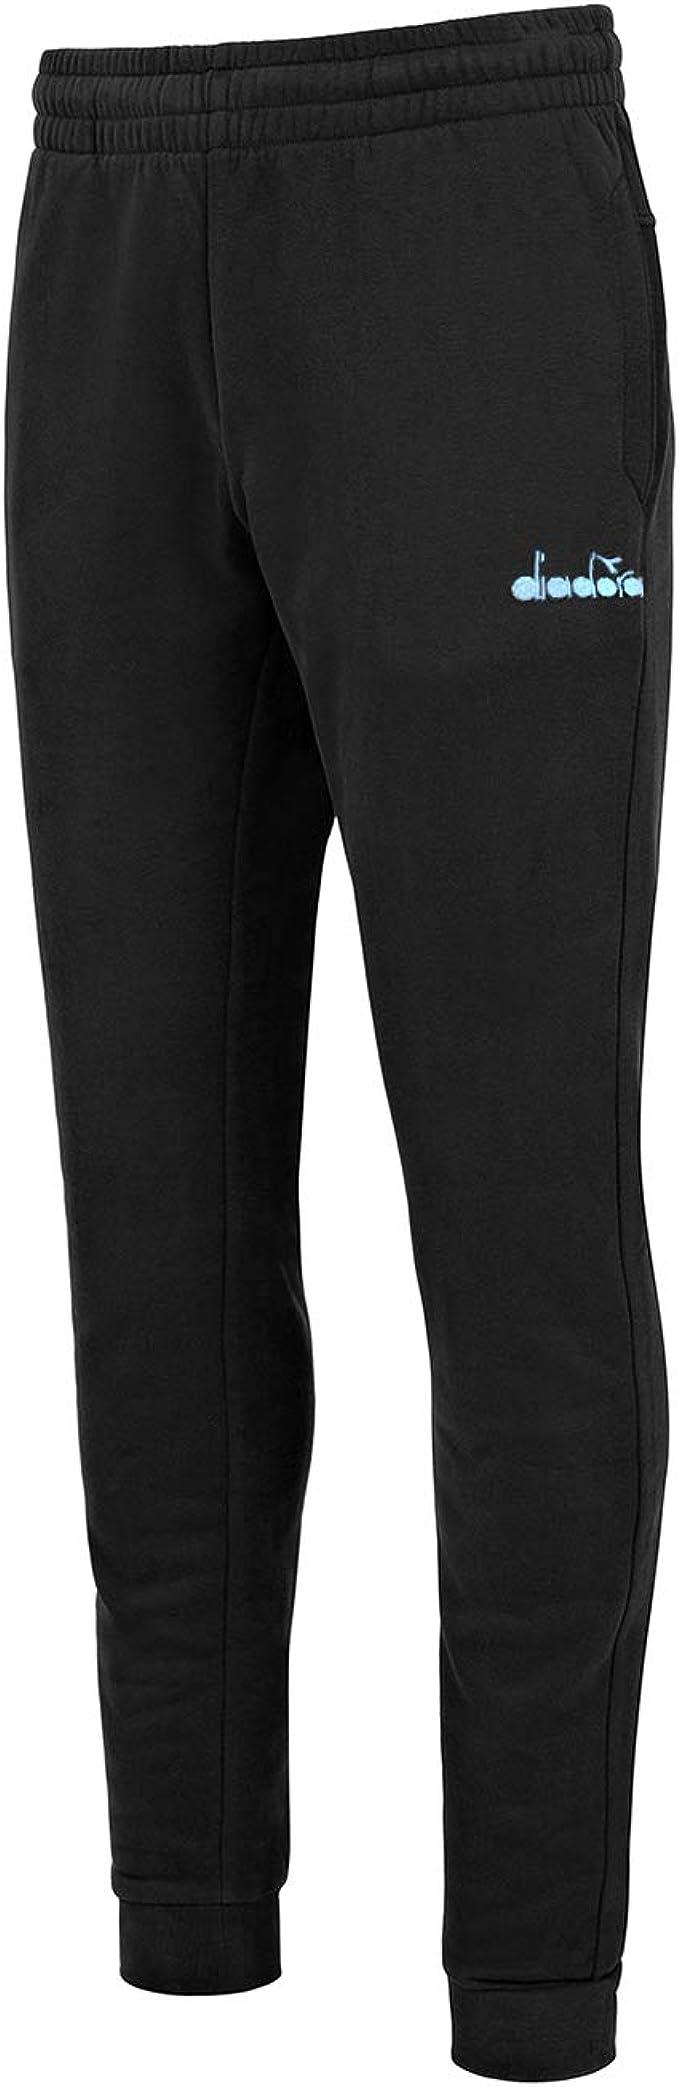 Diadora Cuff Pants Core 102.175089 - Pantalón de chándal para ...